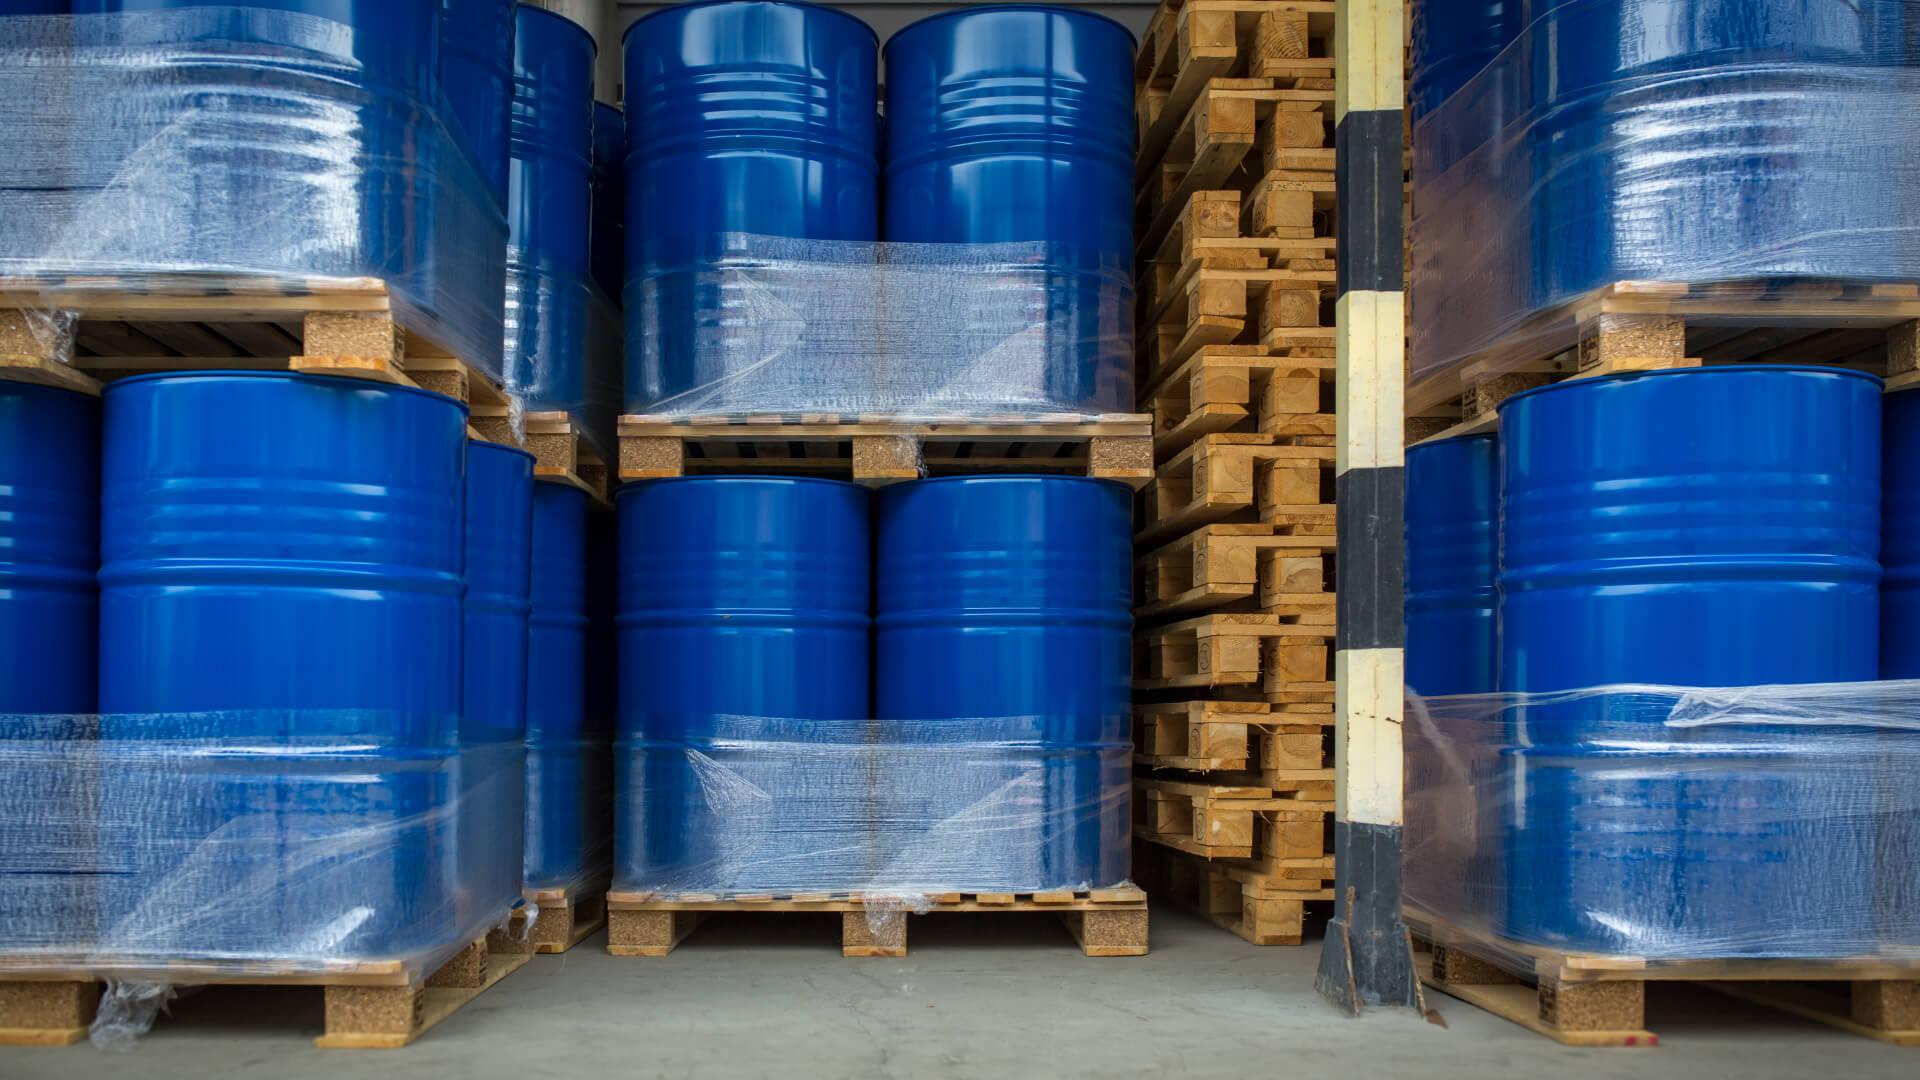 De Rijke Logistics - Chemicals Warehousing.jpg